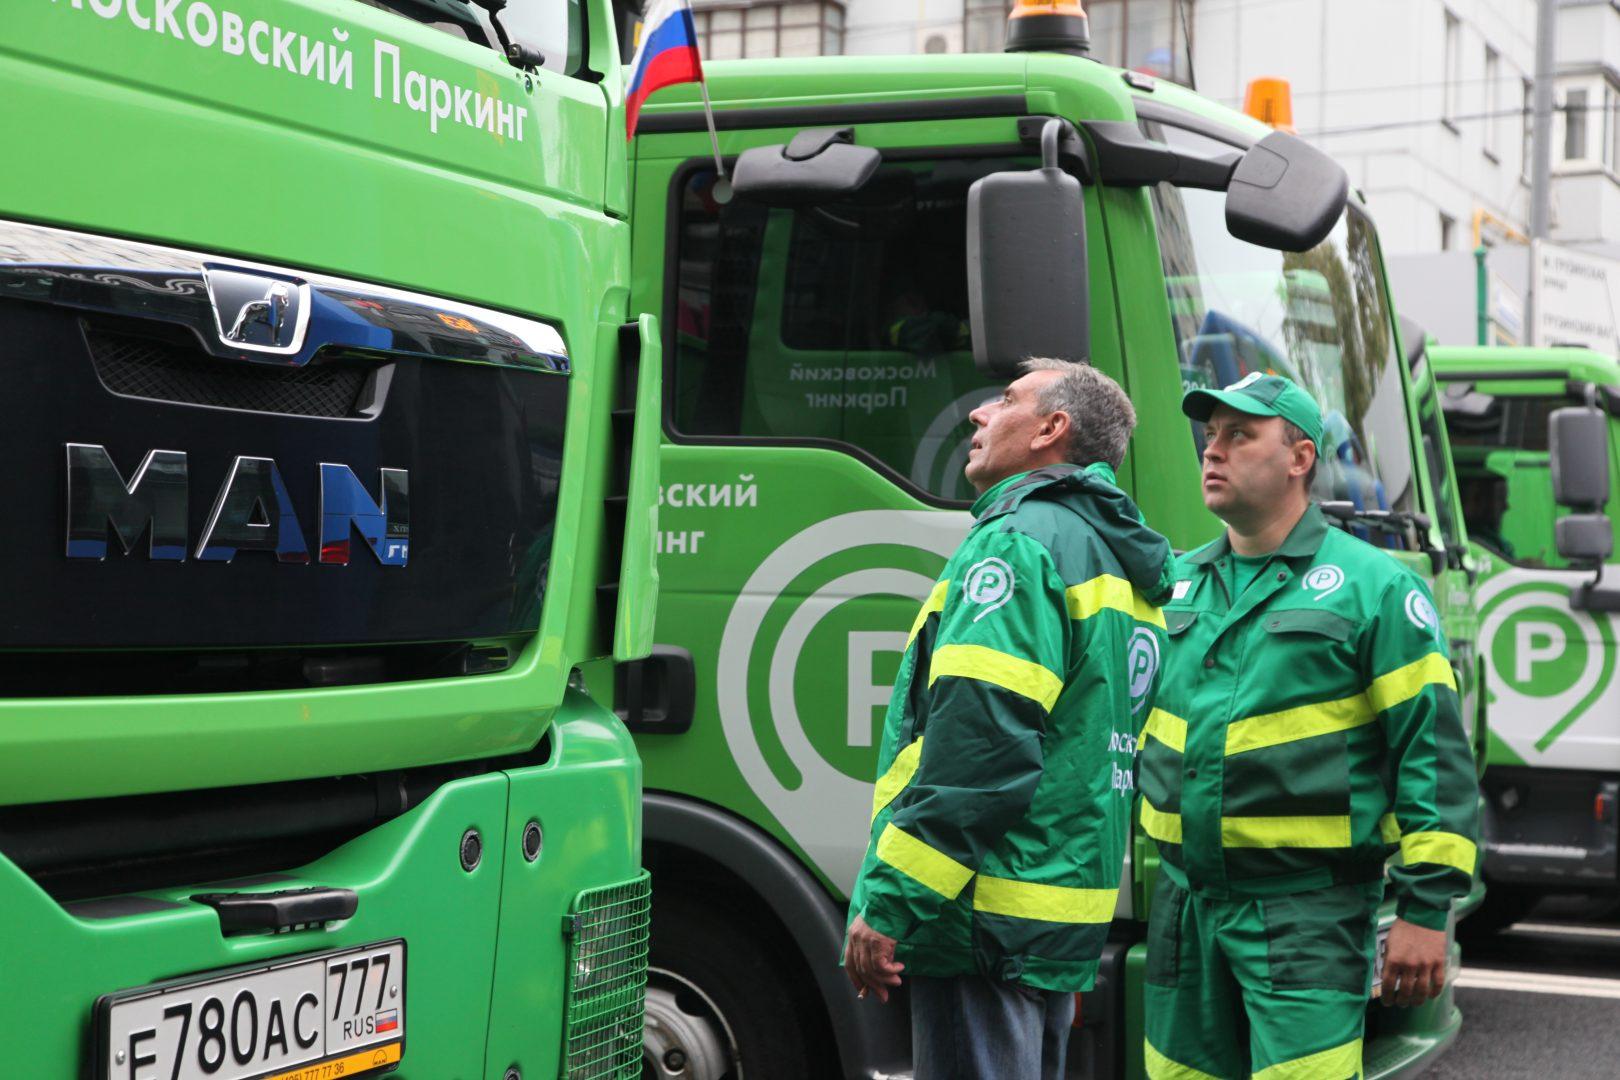 Новые правила паркинга помогли урегулировать загруженность улиц.Фото: архив, «Вечерняя Москва»